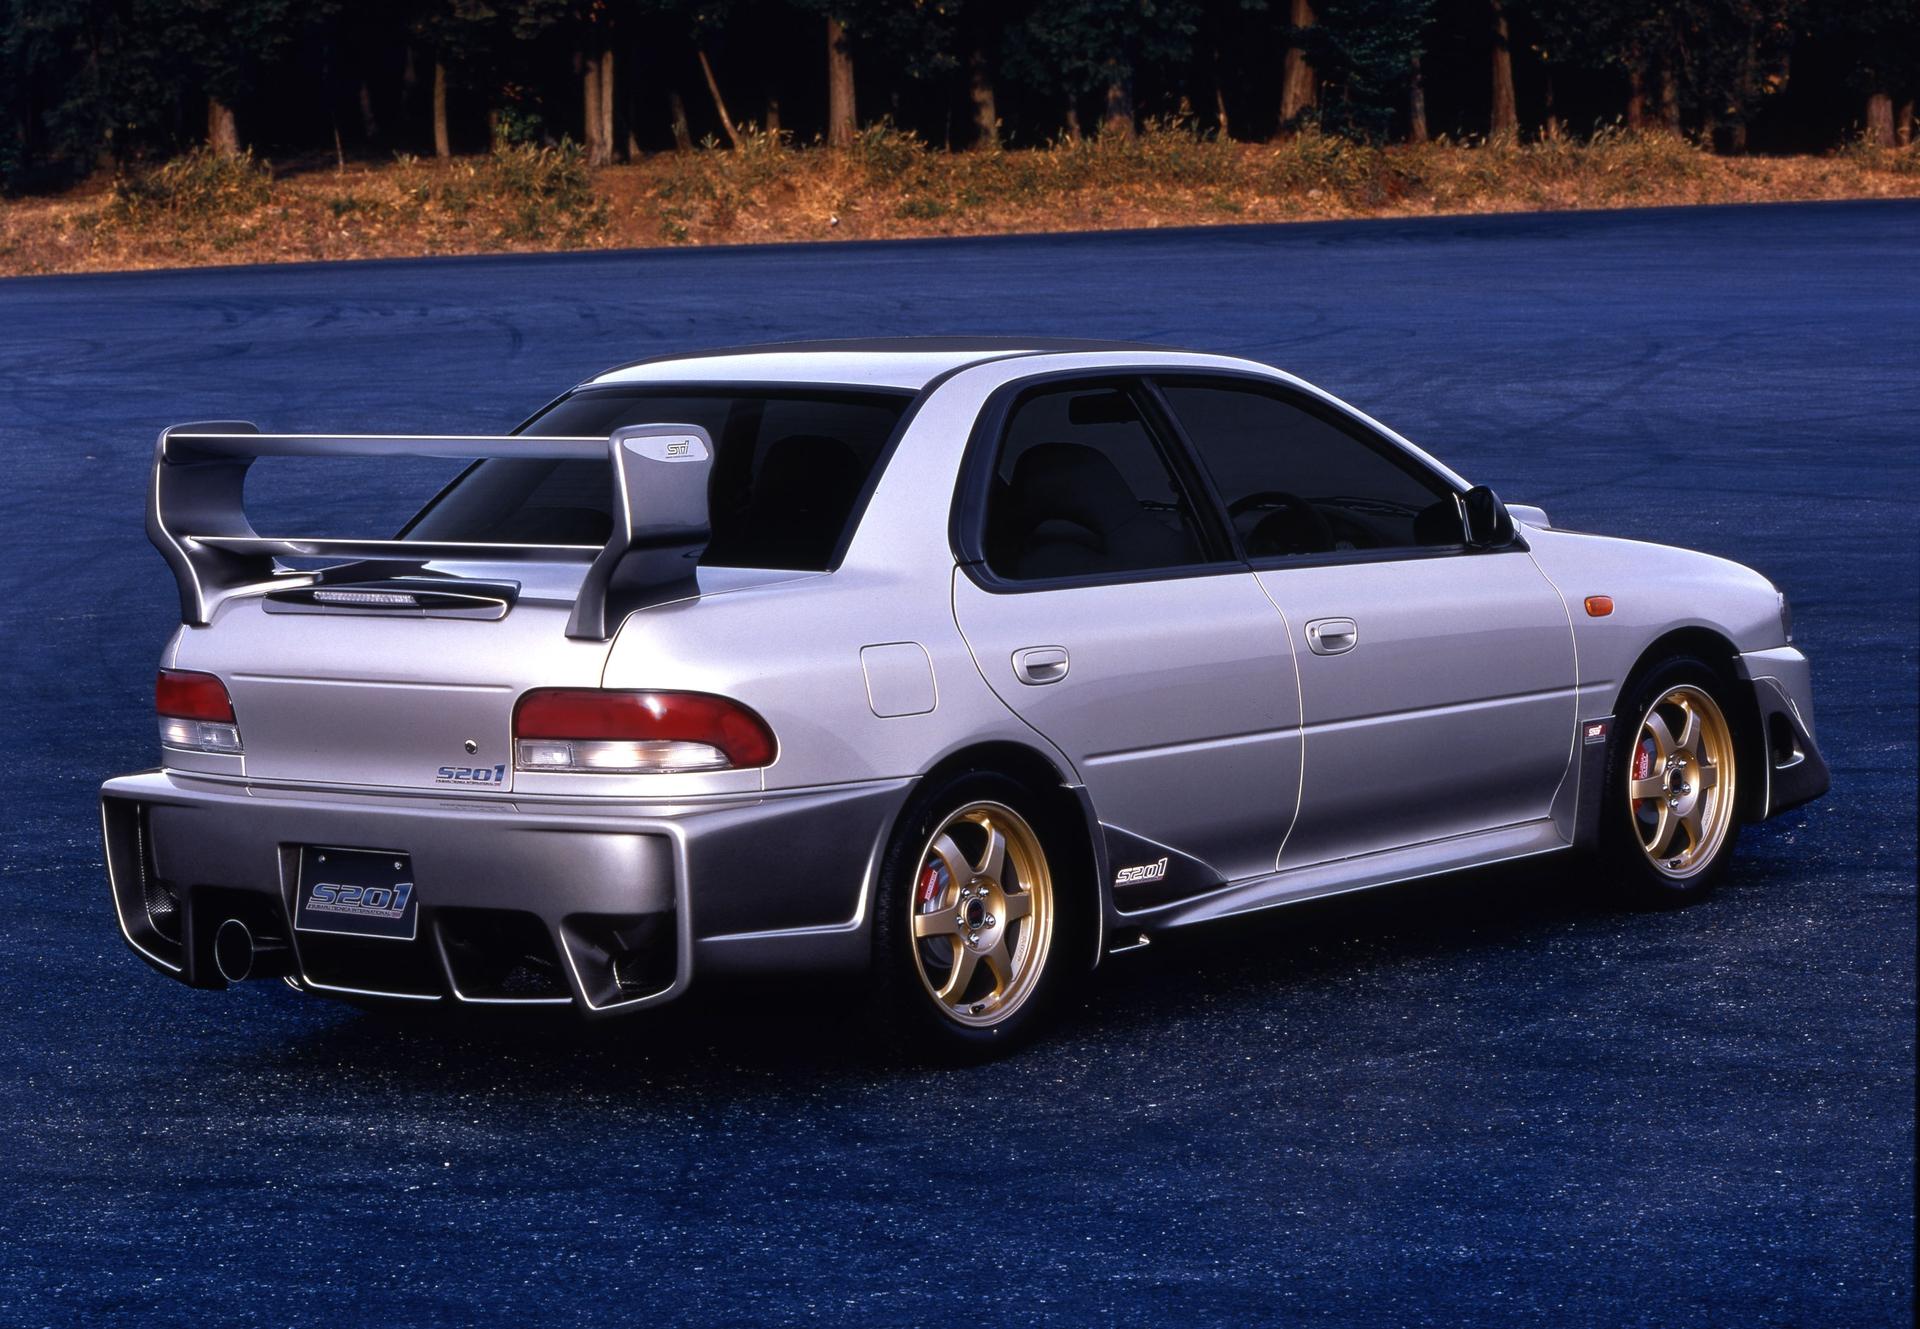 Subaru_Impreza_STI_S201_0000